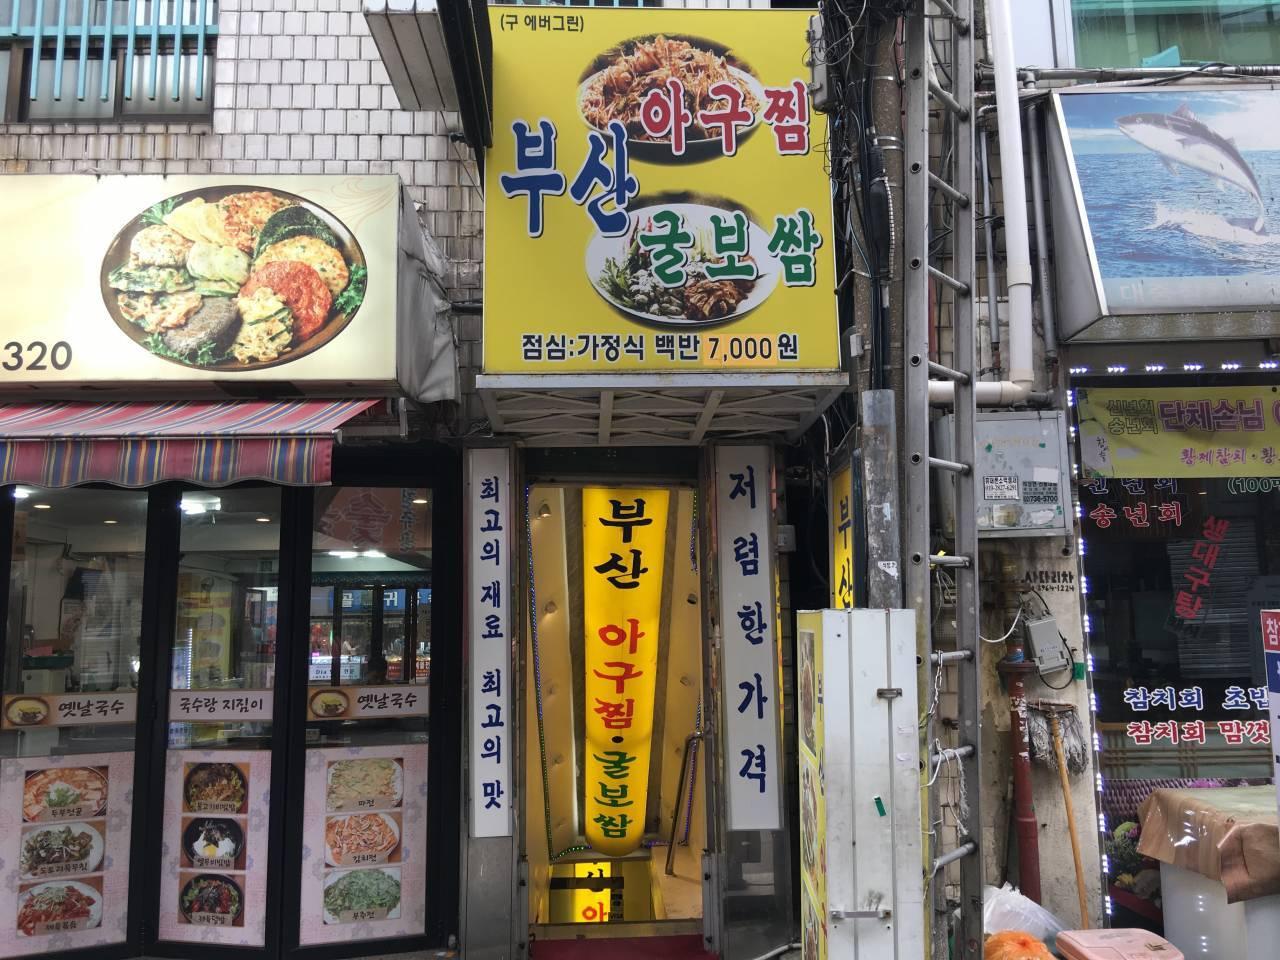 釜山燉安康魚菜包牡蠣(부산아구찜굴보쌈)